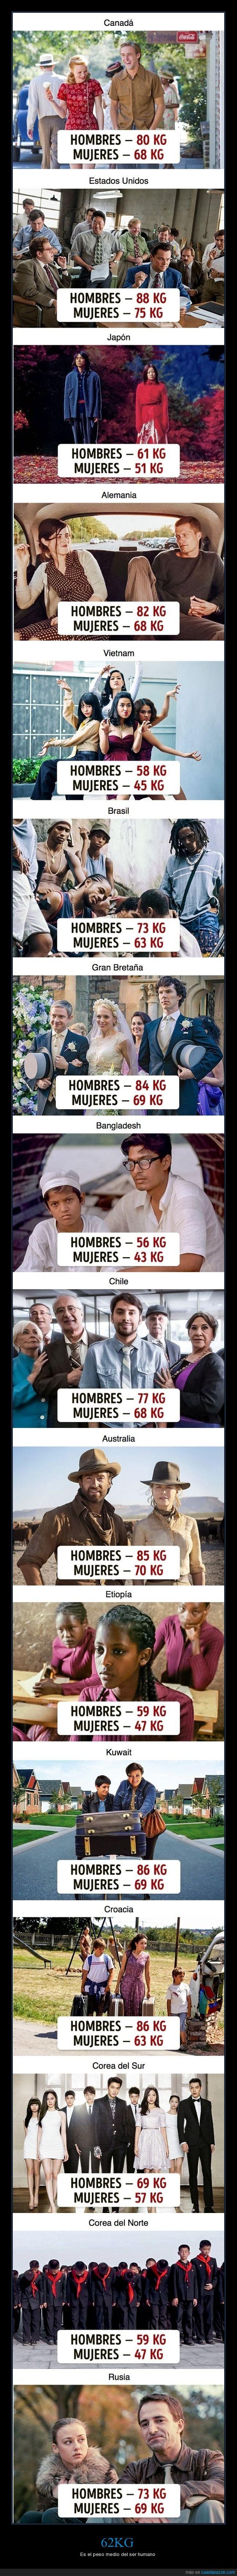 hombres,mujeres,países,peso,peso medio